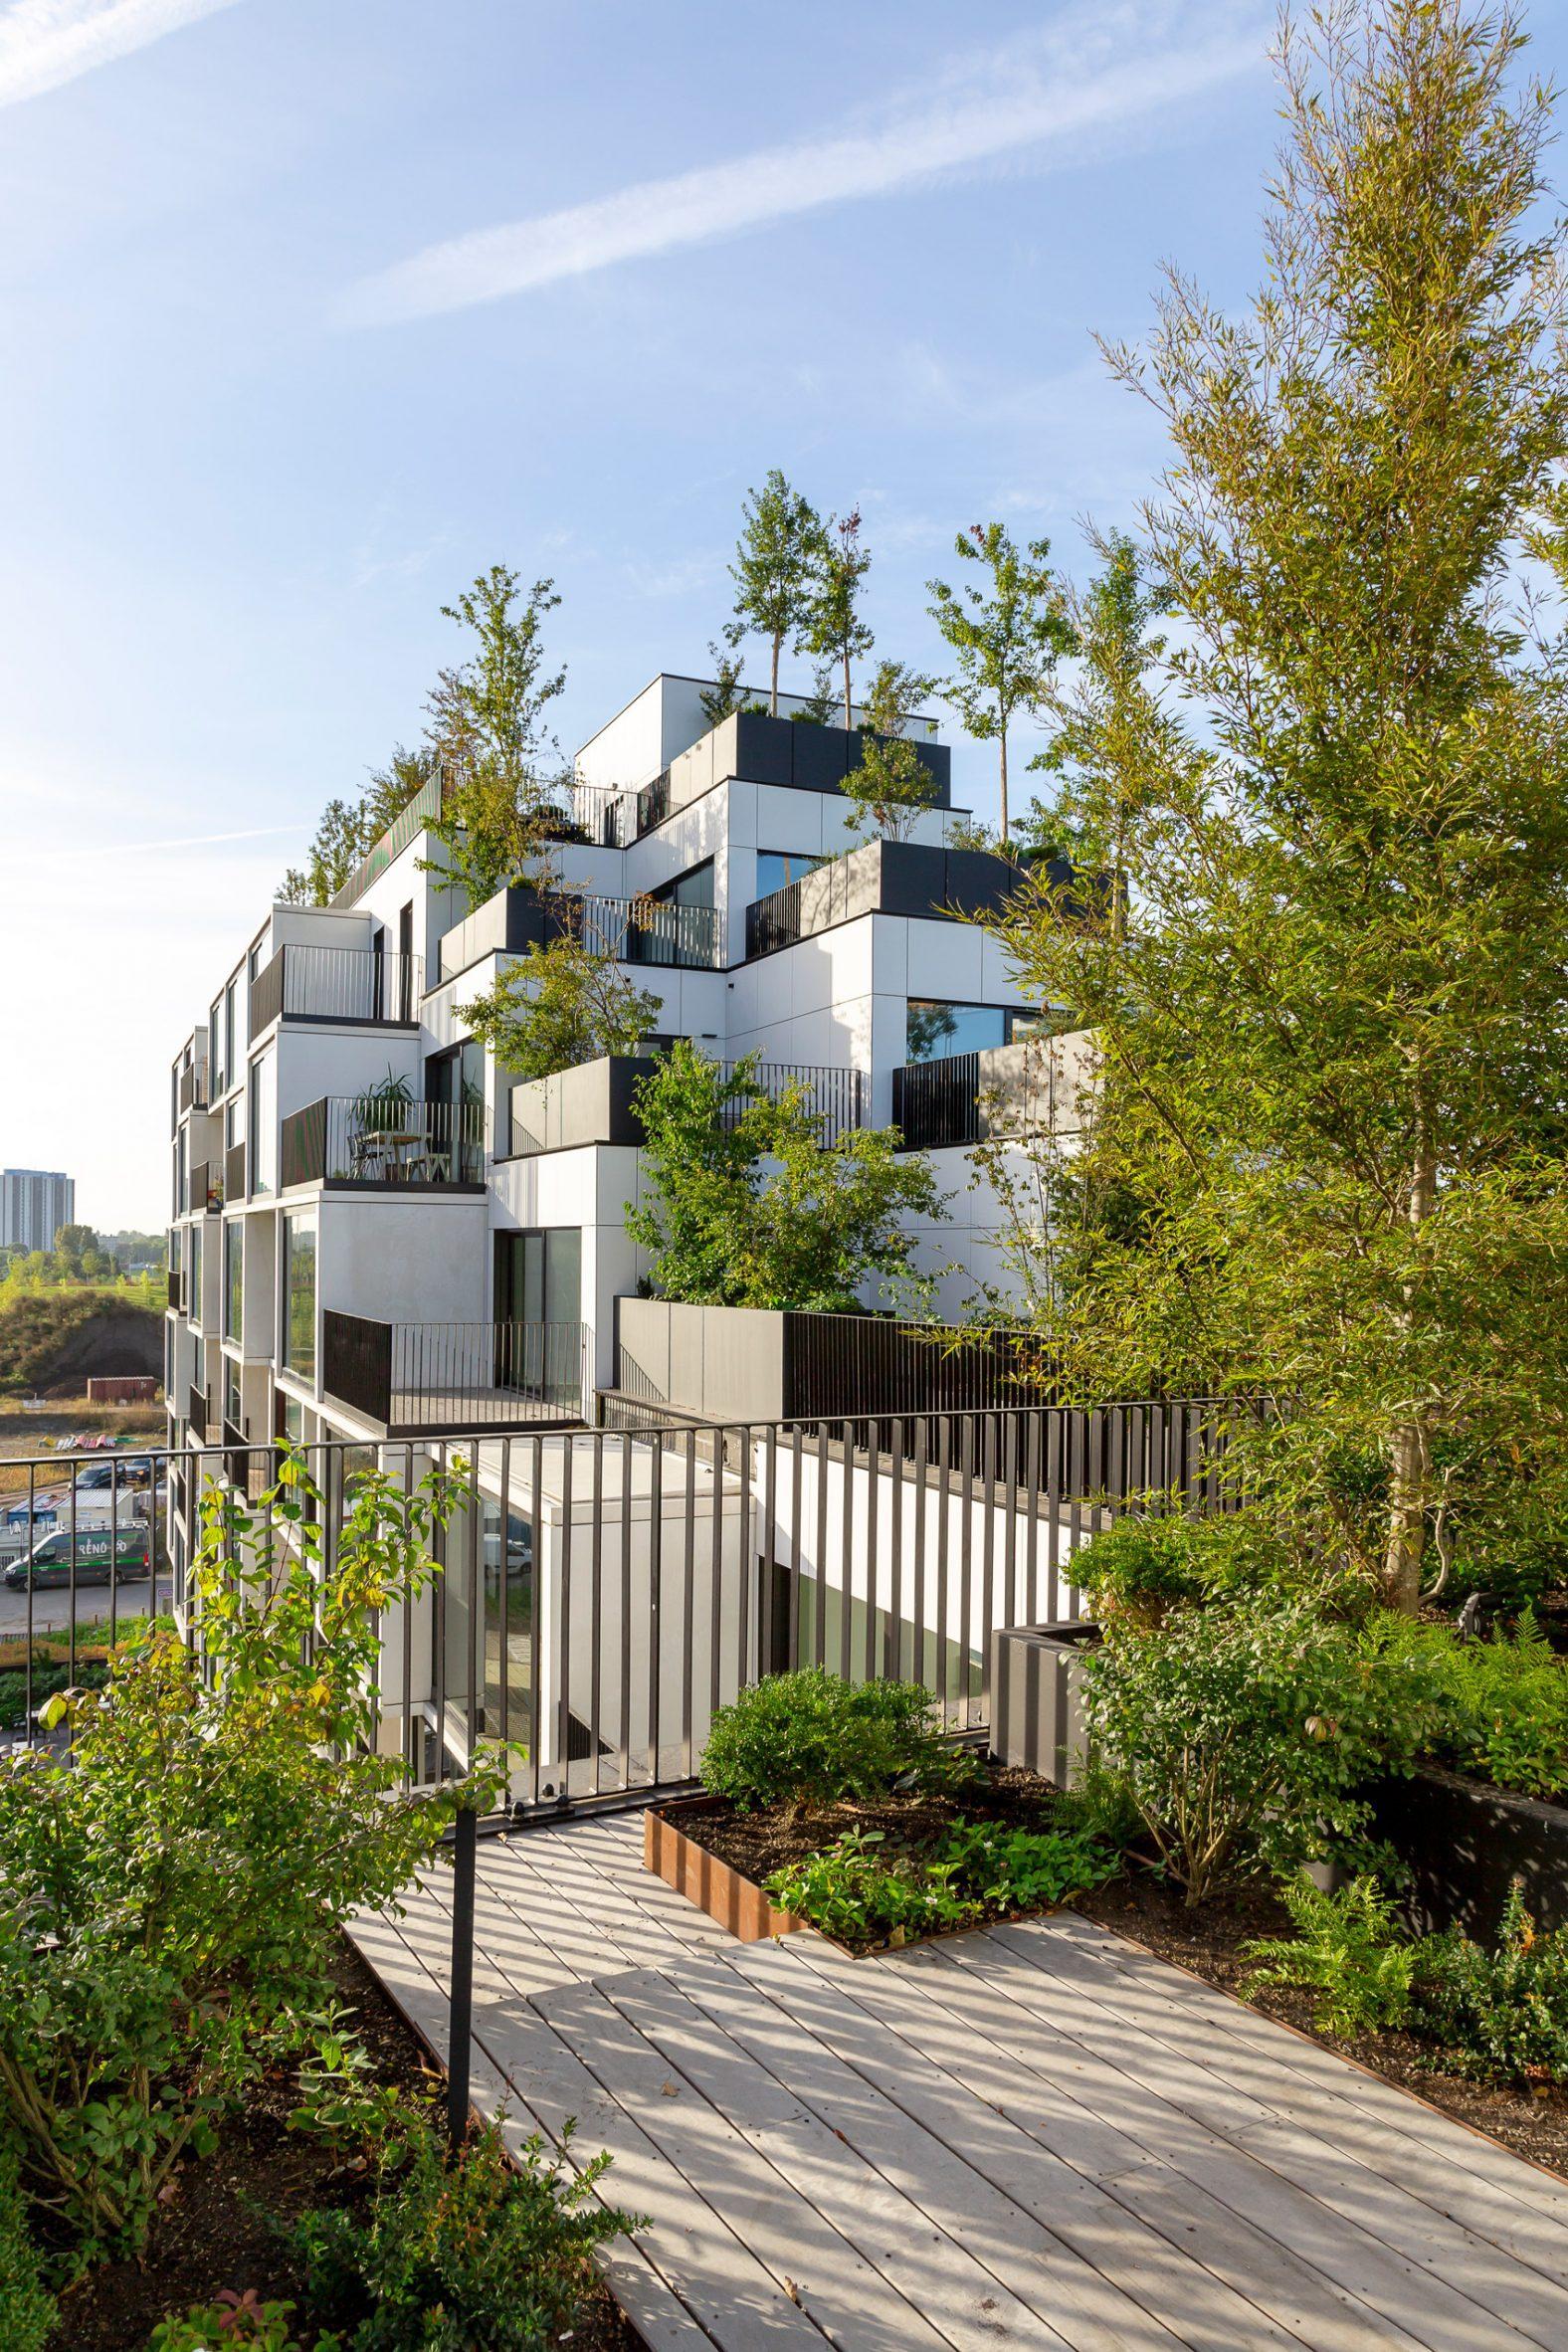 Apartment balcony by Stefano Boeri